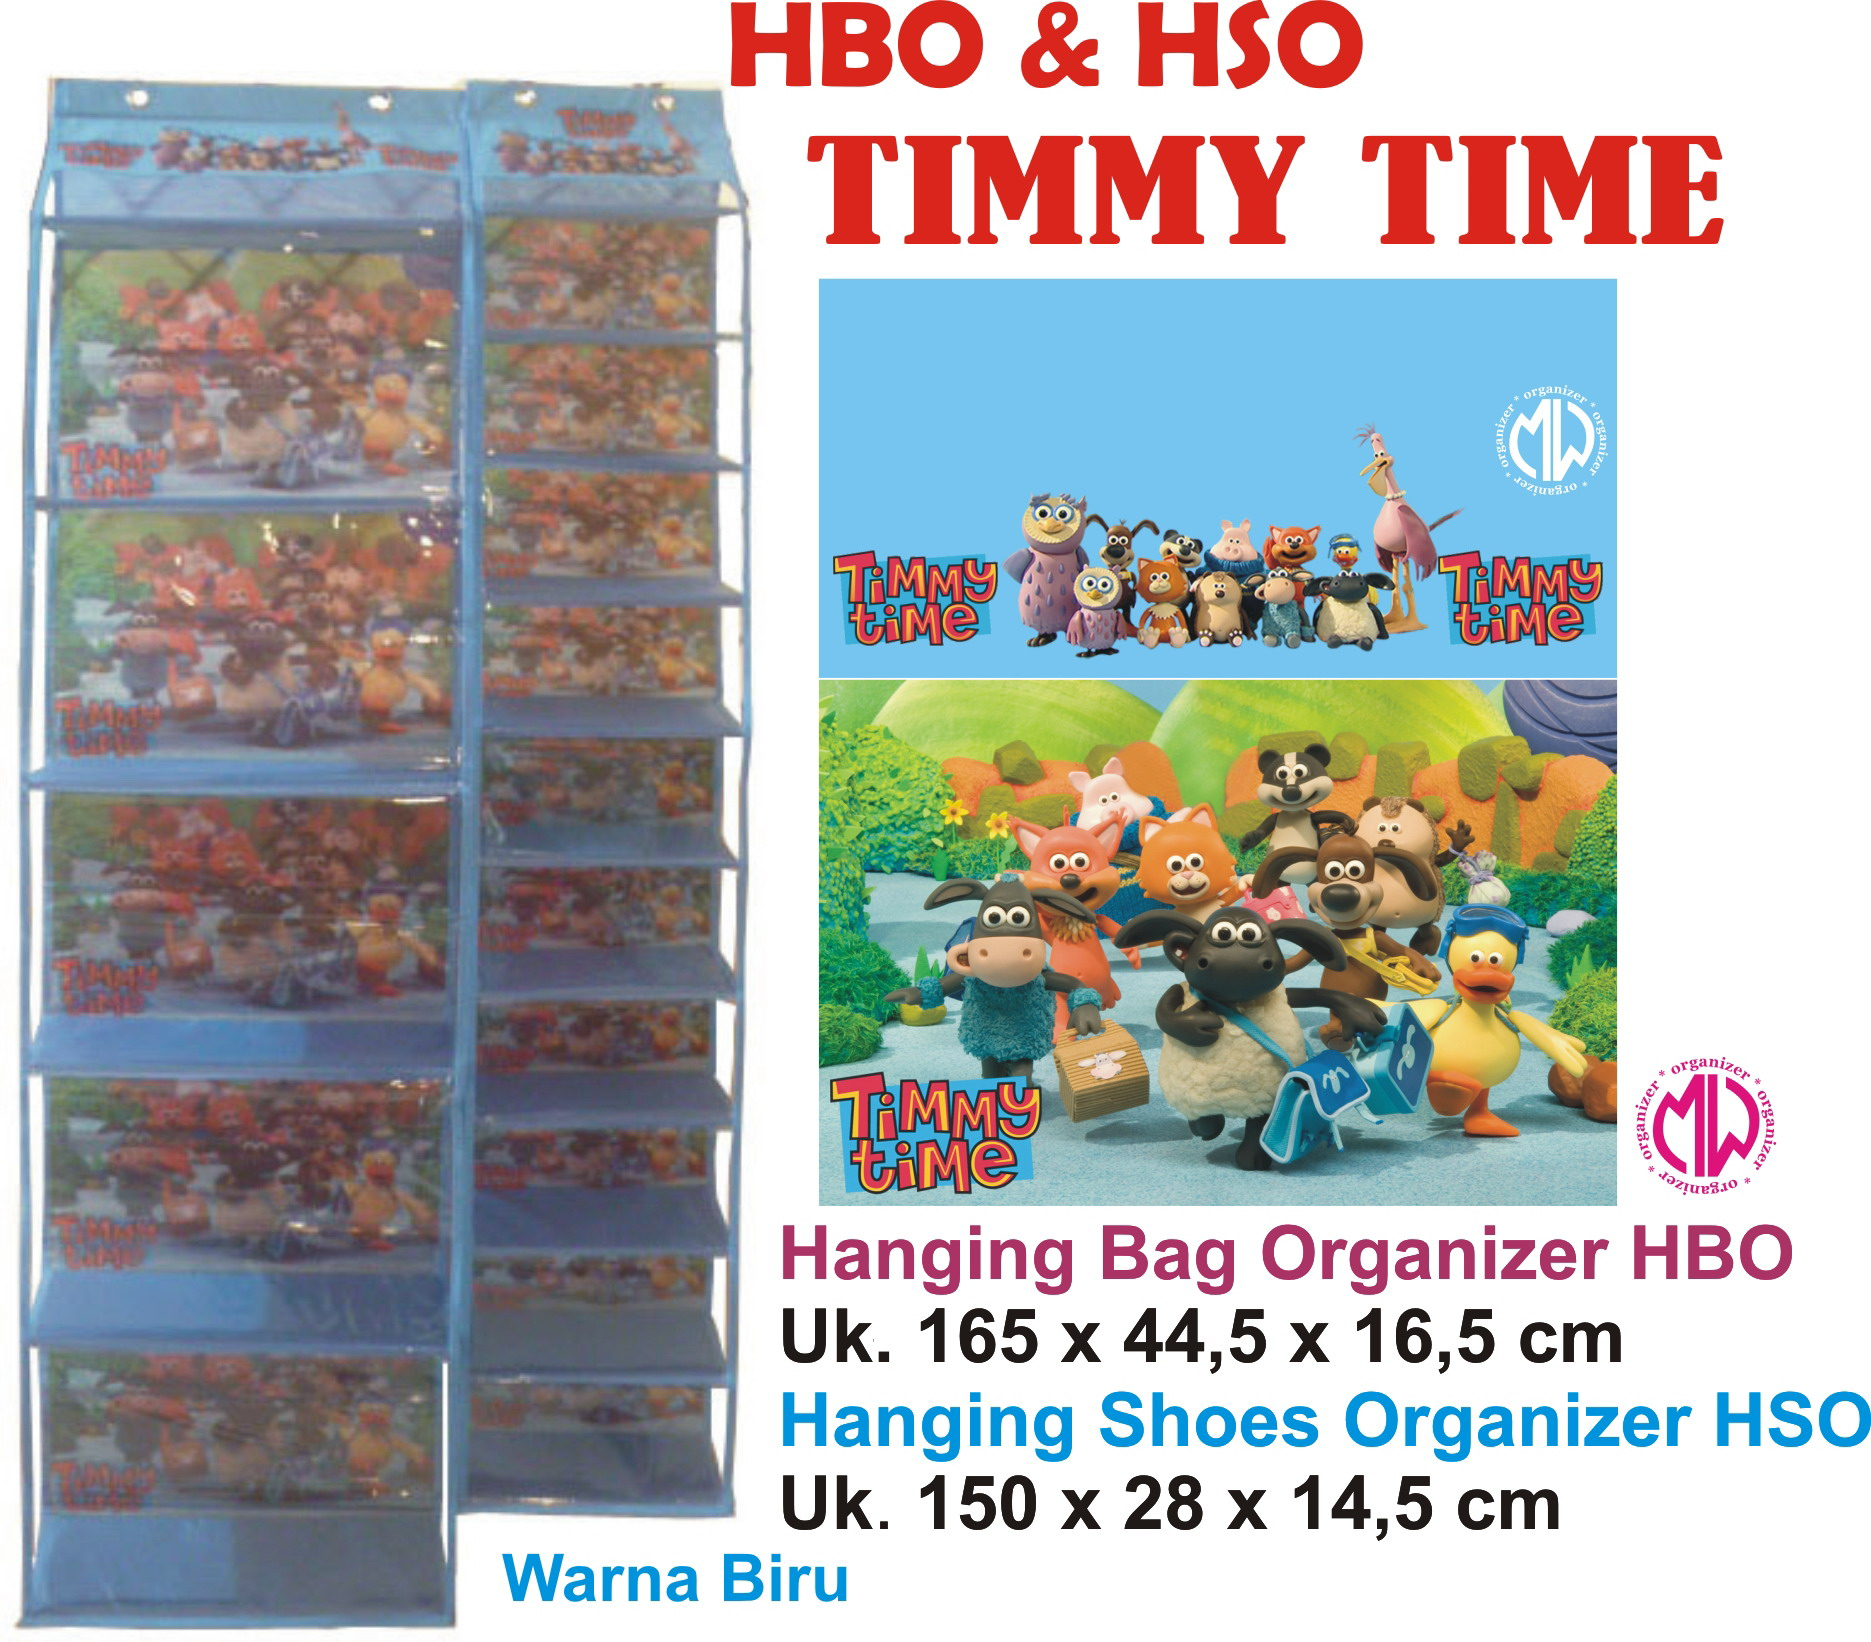 Jual Rak Tas Gantung Karakter Hanging Bag Organizer Hbo Hboz Frozen Biru Zipper Retsleting Timmy Time Produsen Organizermw Tokopedia